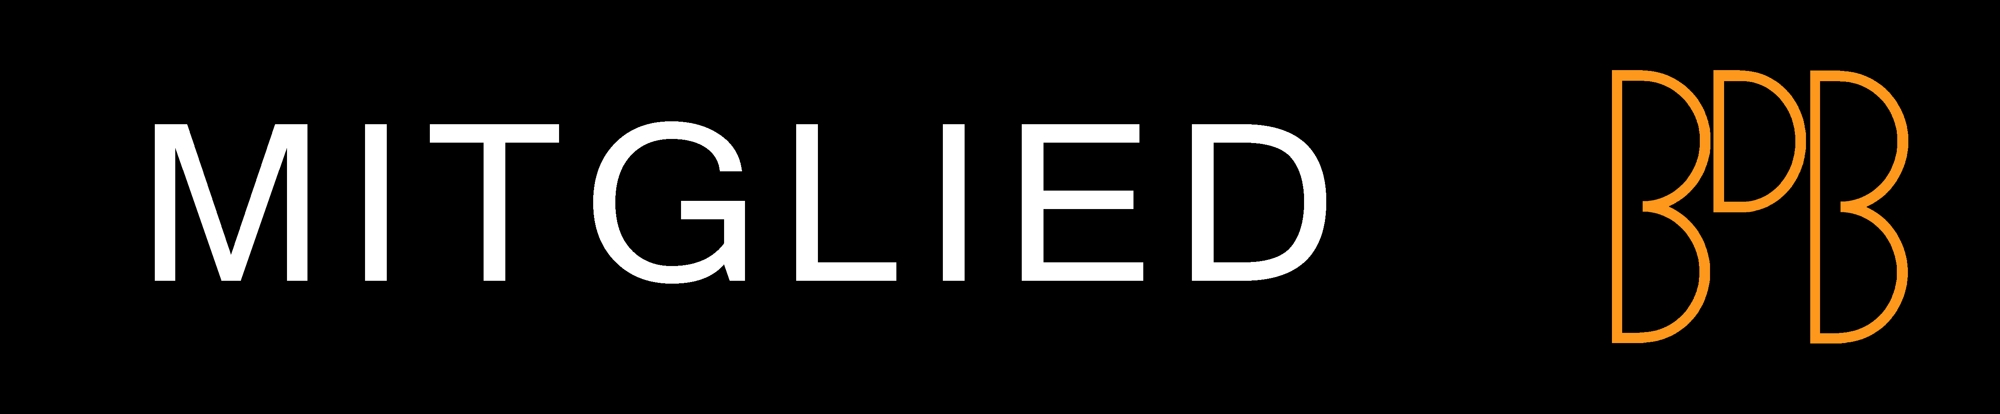 Logo Mitglied BDB (schwarz ohne Rahmen, 2000x414)